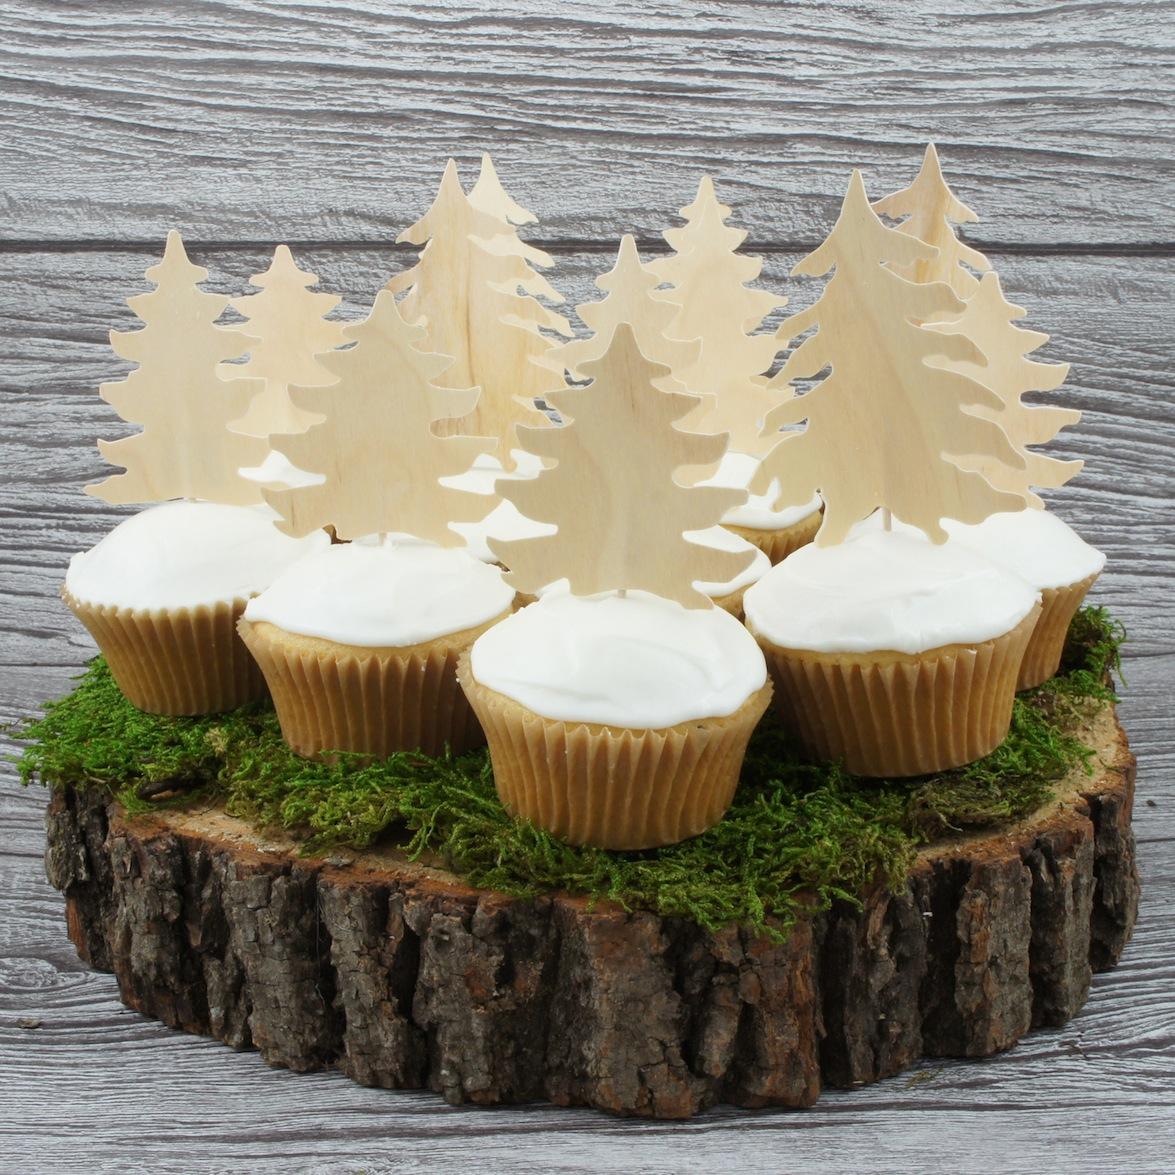 cupcake topper 4.JPG